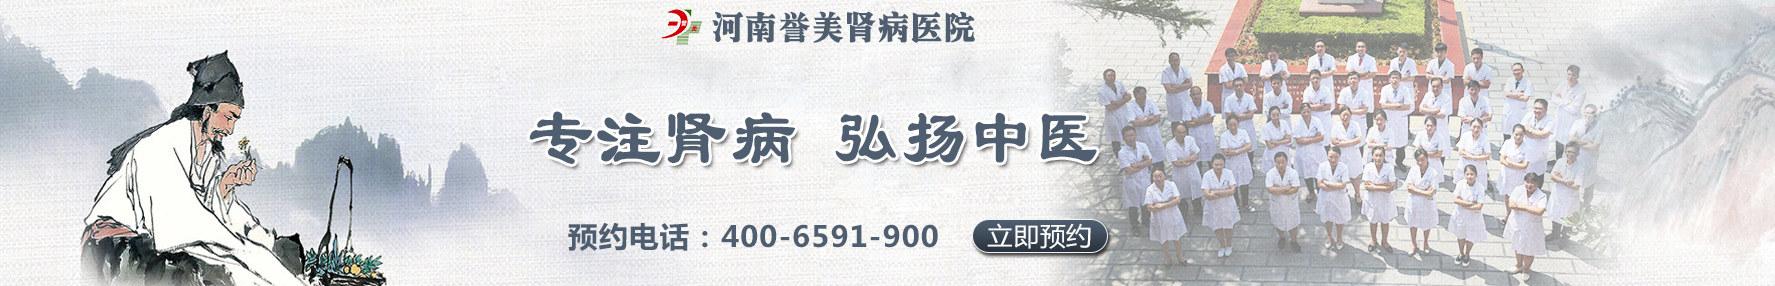 郑州肾病医院